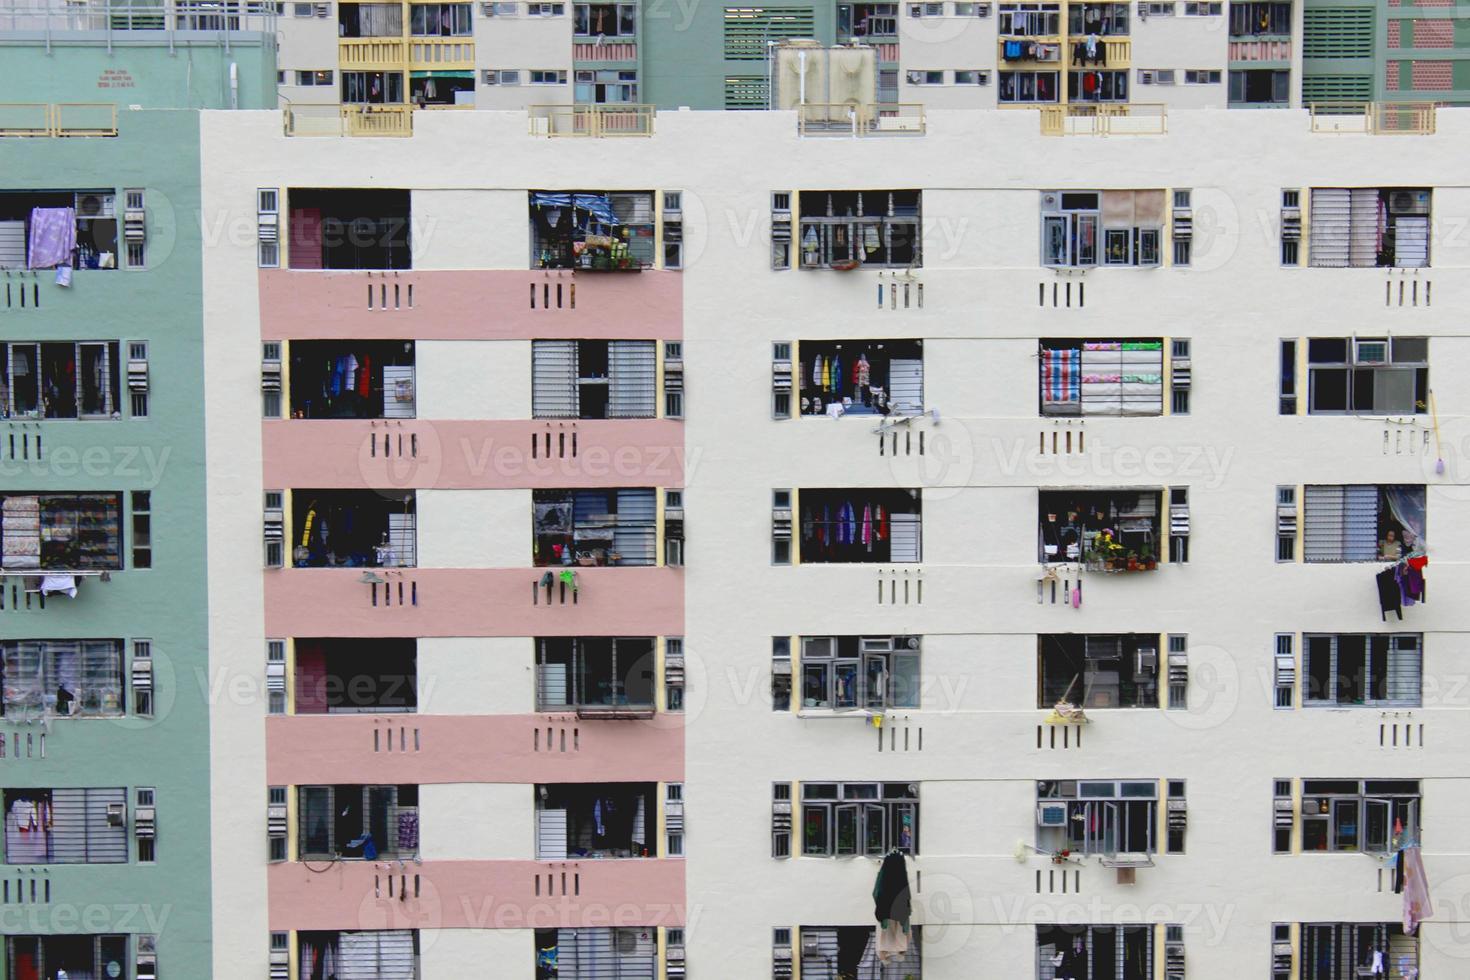 Hong Kong apartments photo